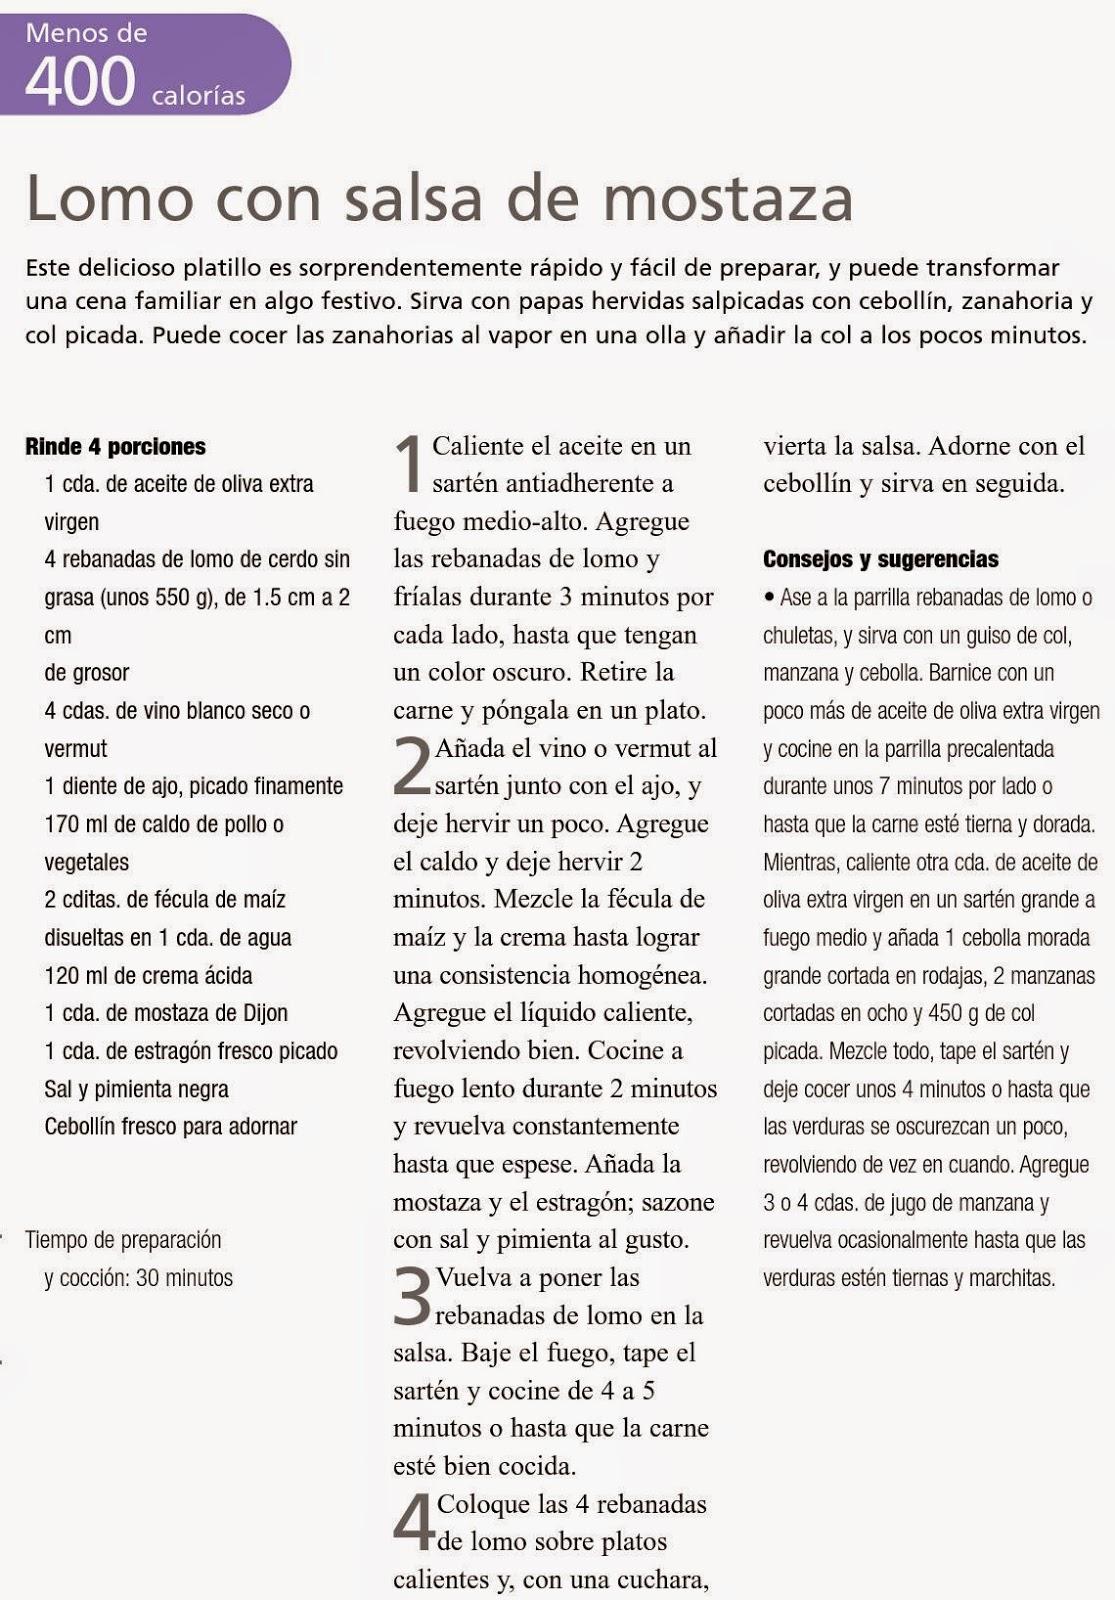 RECETAS BAJAS EN CALORIAS: LOMO CON SALSA DE MOSTAZA